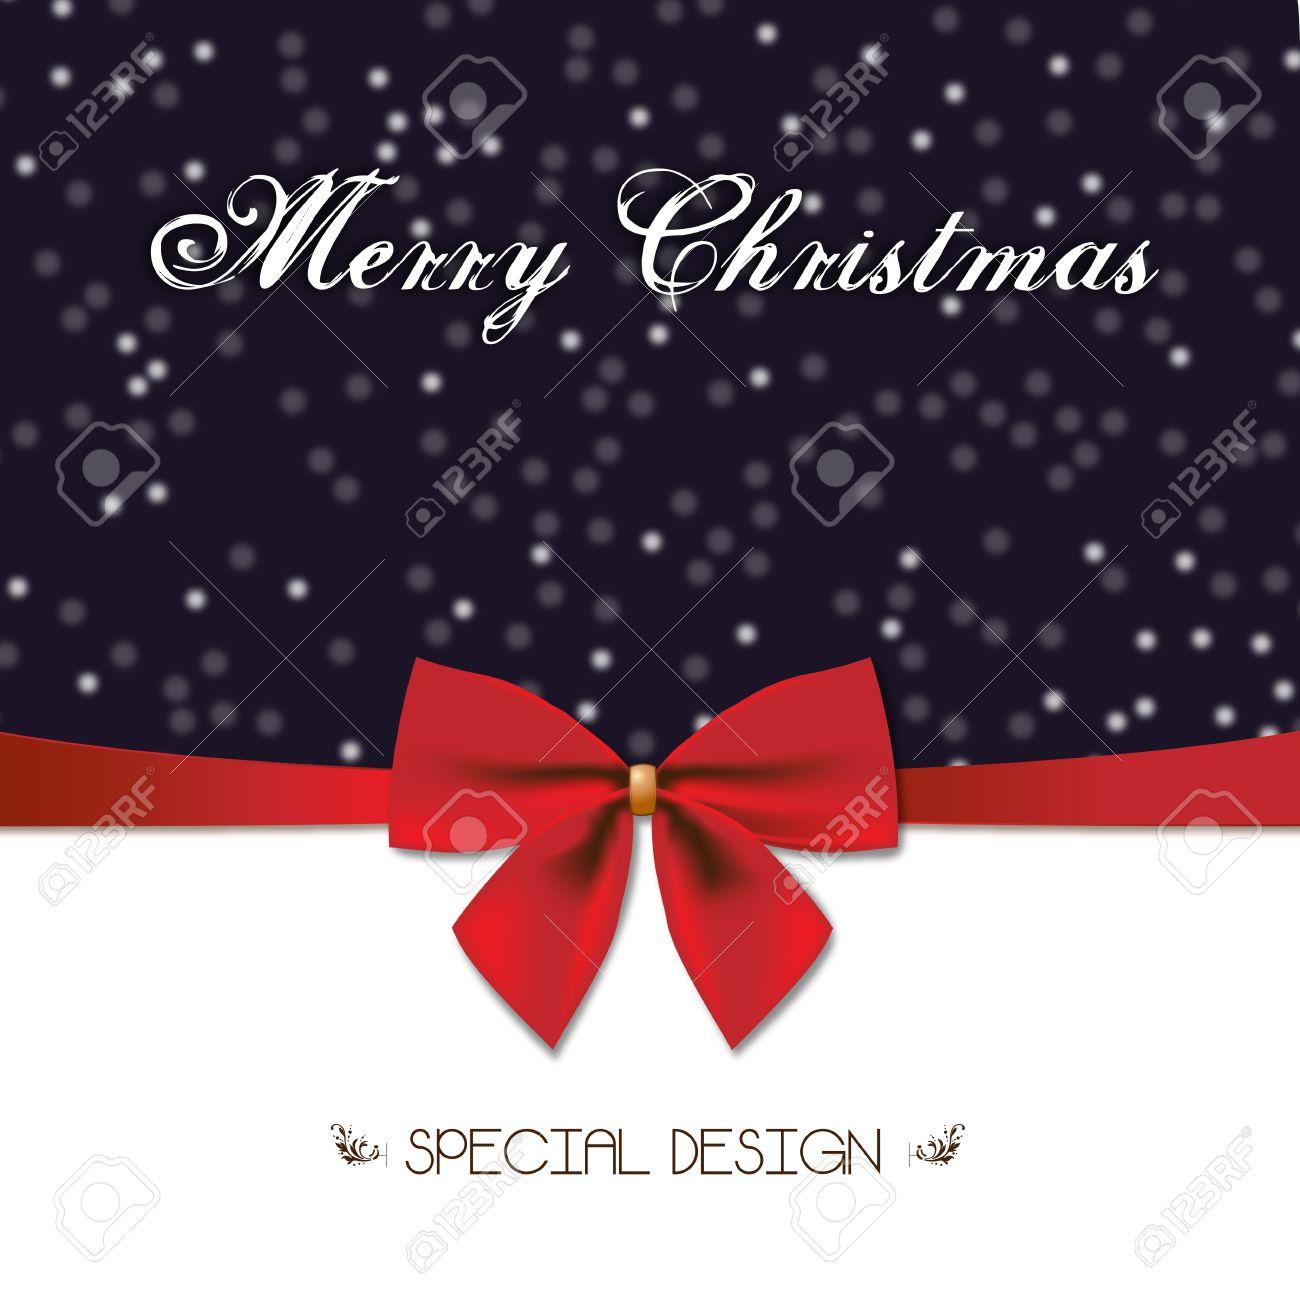 feliz navidad especial diseo y decoracin rojo del arco de regalo de navidad para las tarjetas with disear tarjetas de navidad